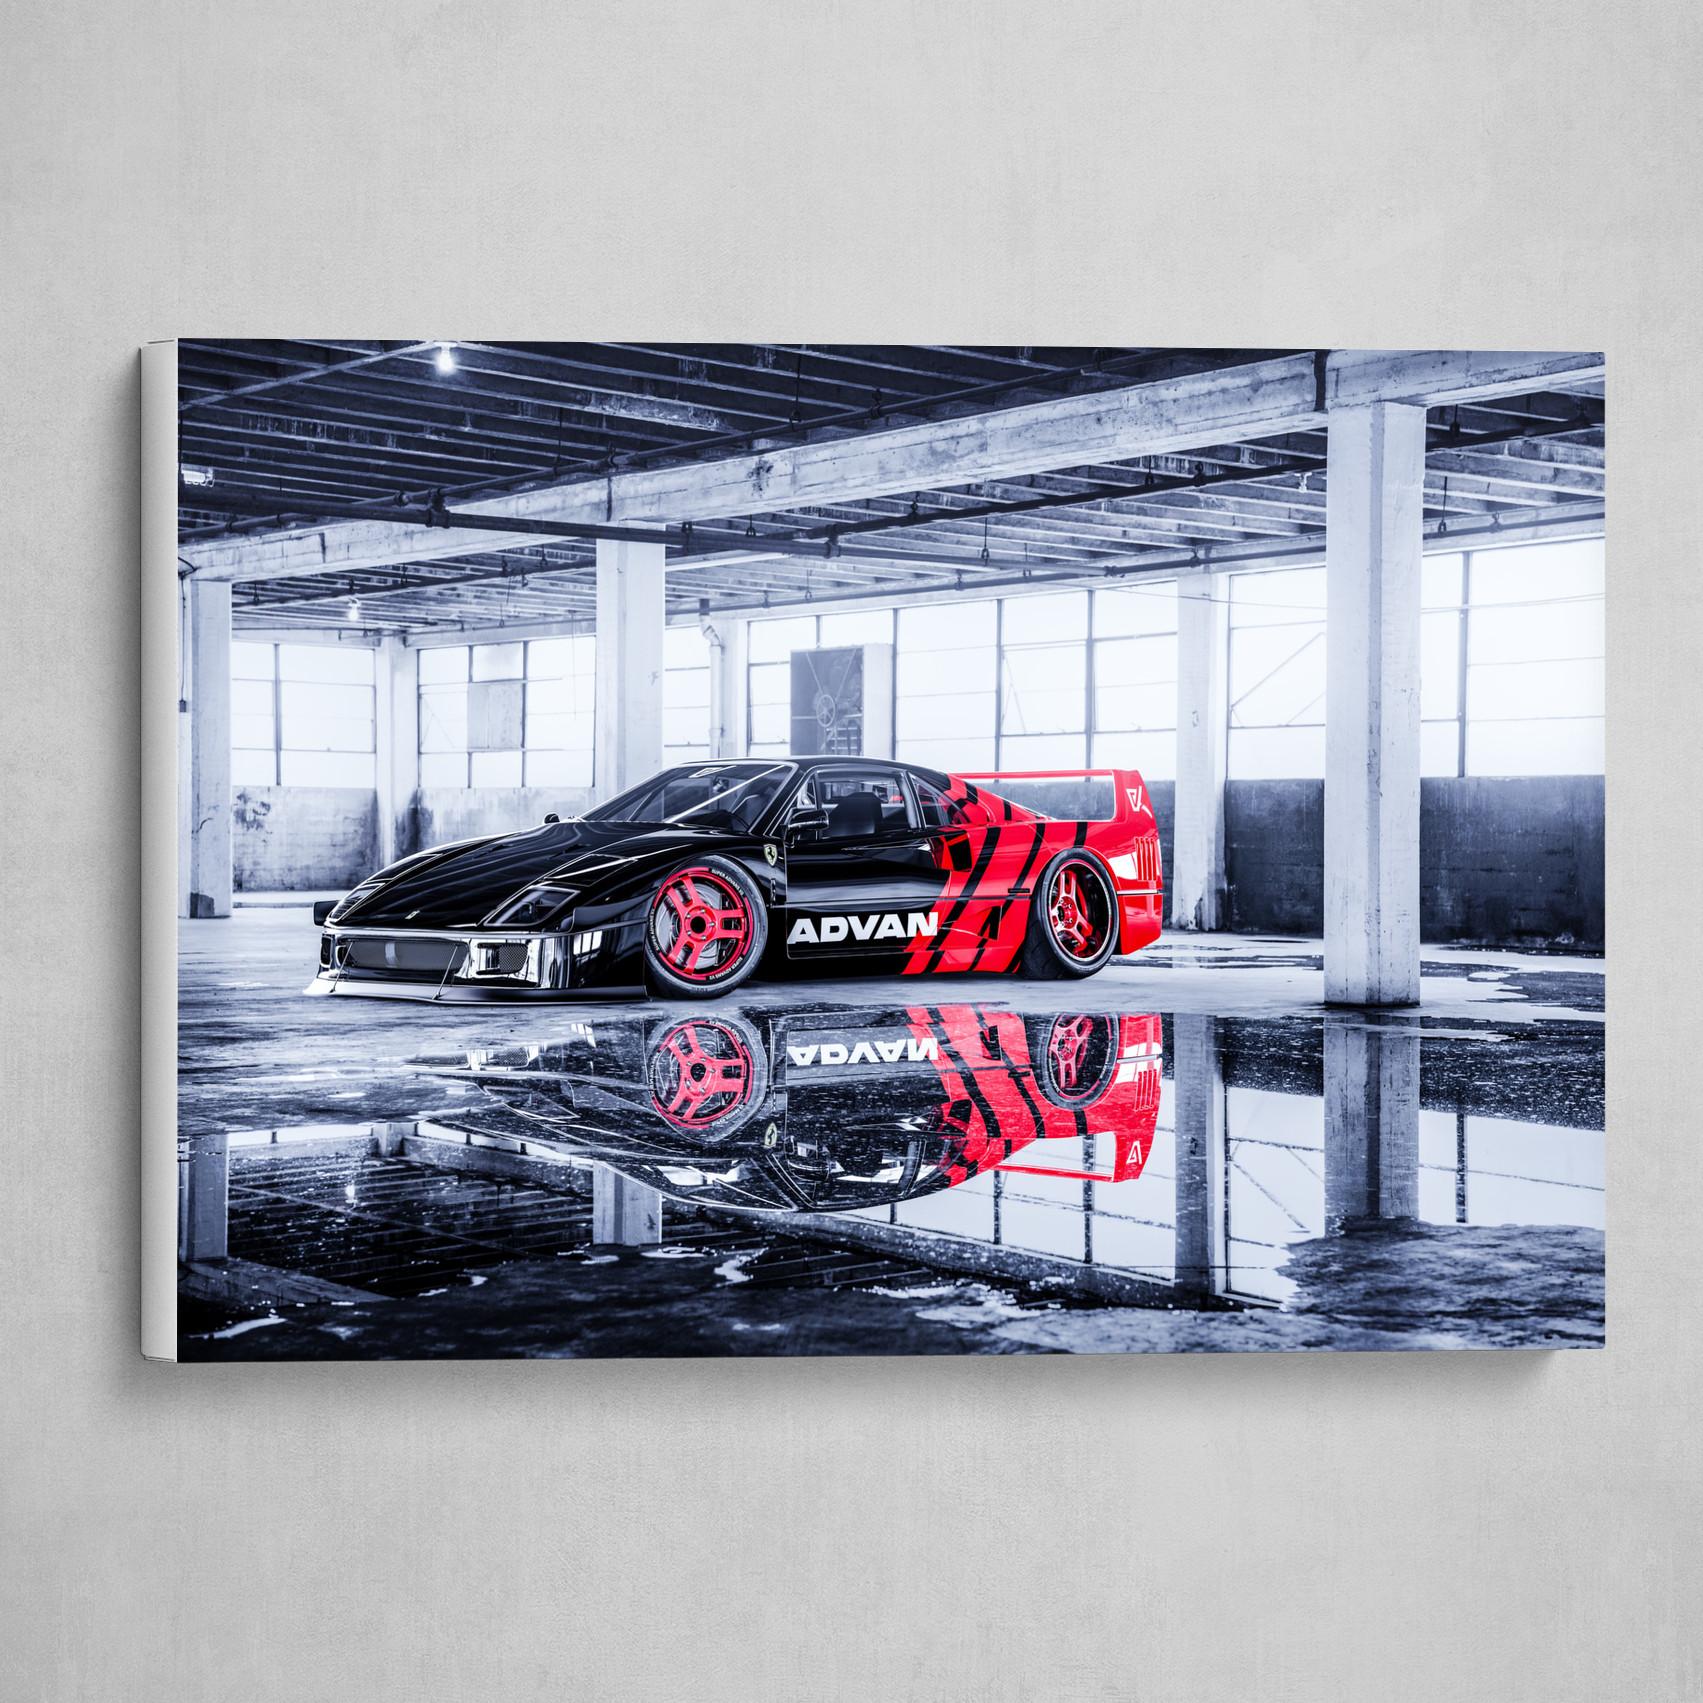 Ferrari F40 Advan